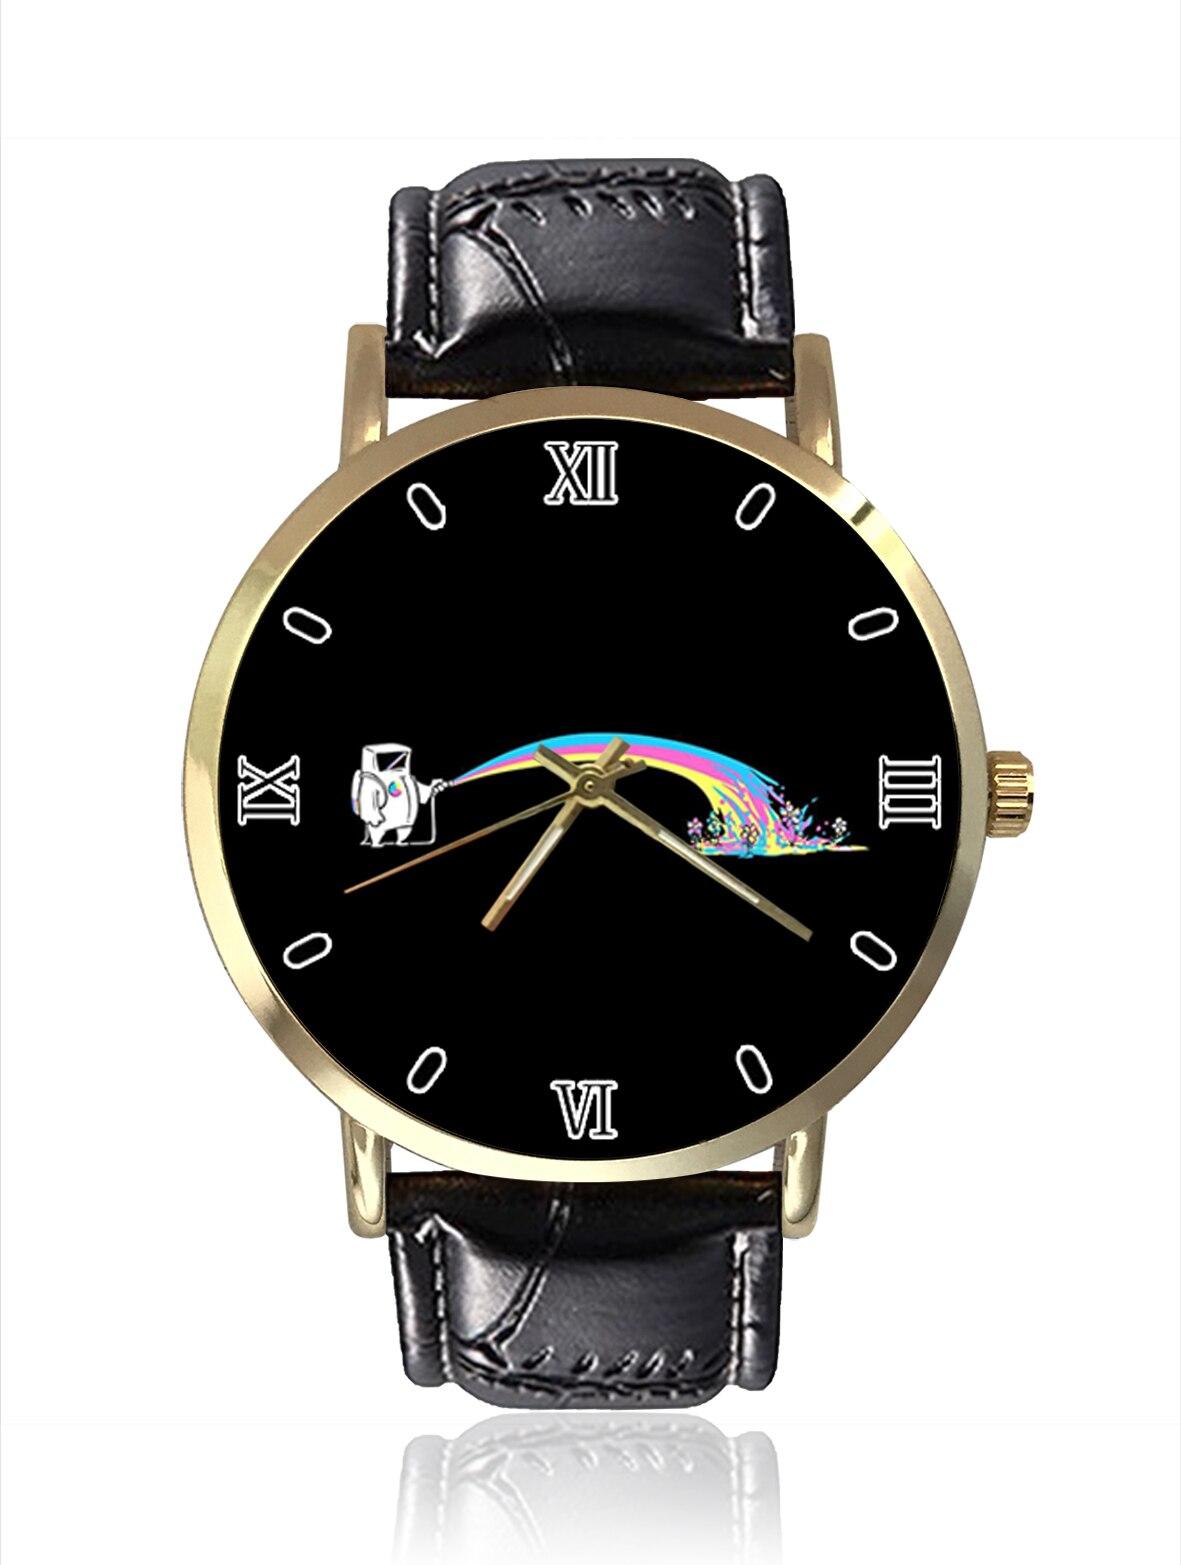 2021 الحد الأدنى للرجال موضة ساعة كوارتز حزام جلد الكوارتز الذكور أنيقة رقيقة جدا ساعة رجال الأعمال ساعة تصميم بسيط Fa